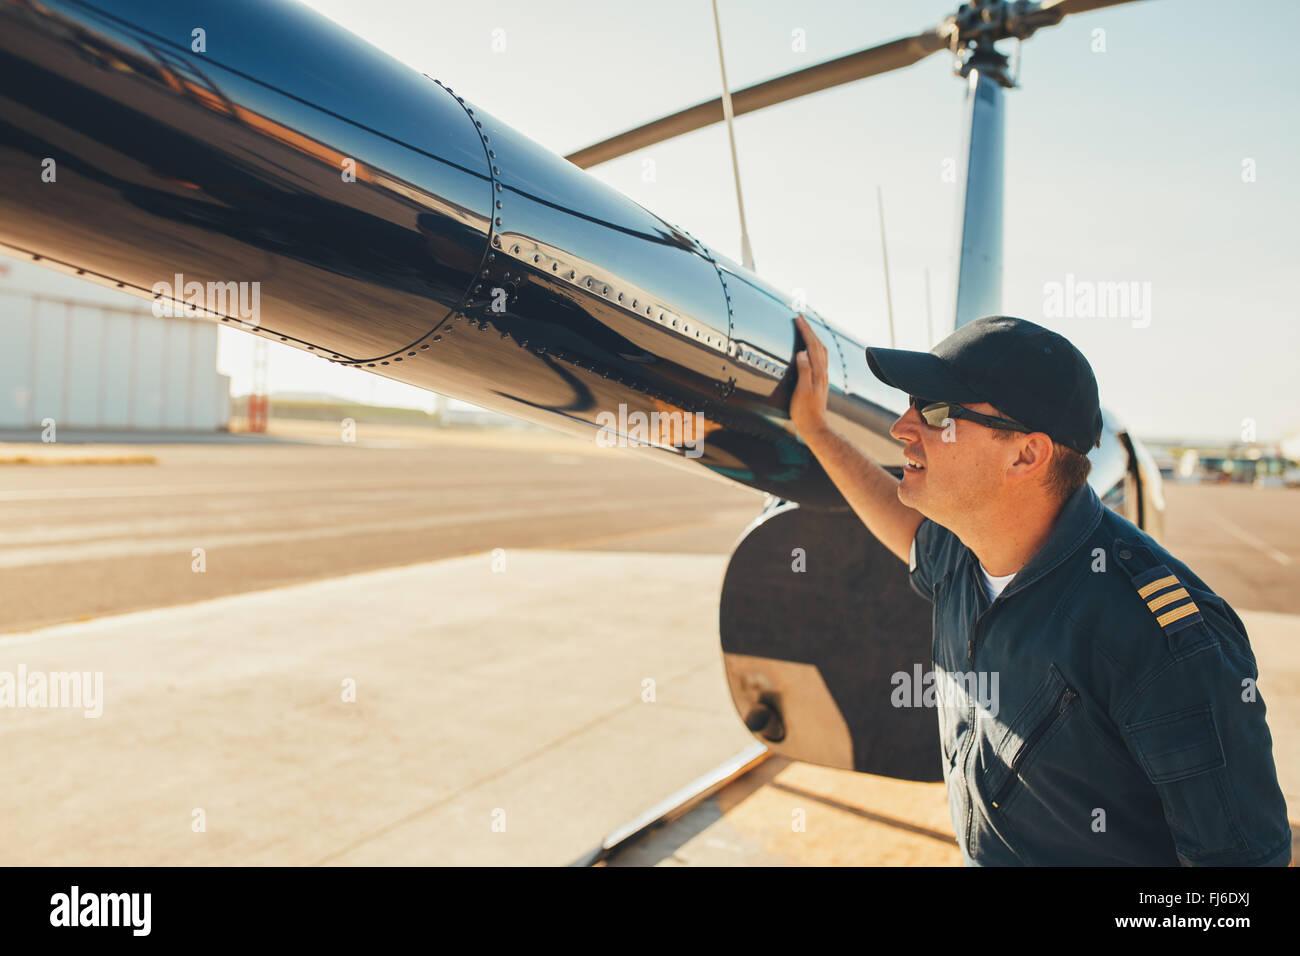 Piloto macho comprueba la cola del helicóptero antes del vuelo. Control mecánico de helicóptero antes Imagen De Stock